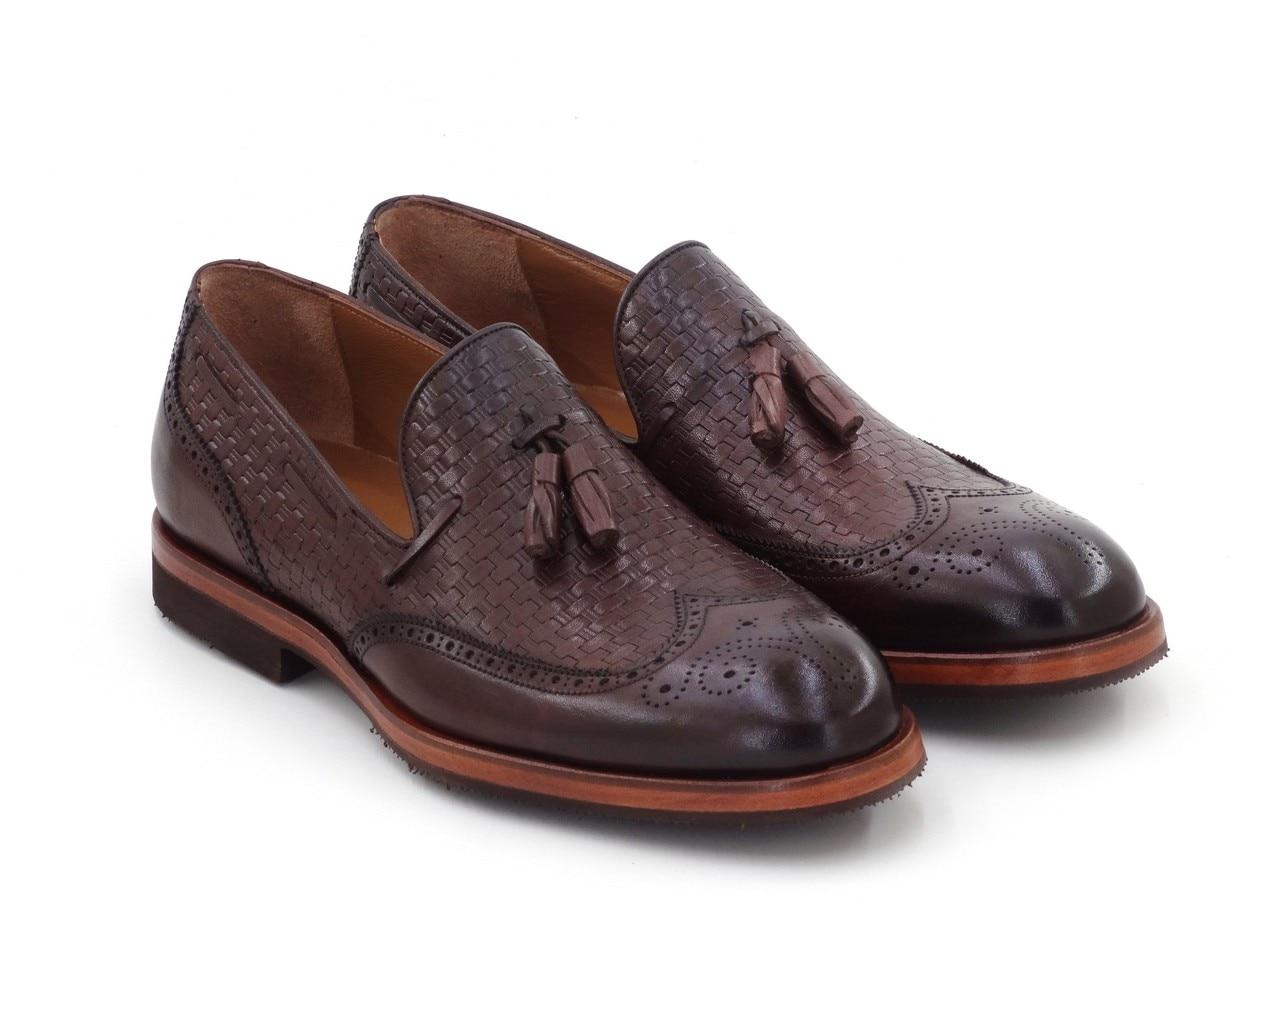 حذاء رجالي جلد طبيعي 2021 موضة أحذية الزفاف مريحة الذكور فستان الأحذية الكلاسيكية-خطوة بواسطة صنع في تركيا السائر